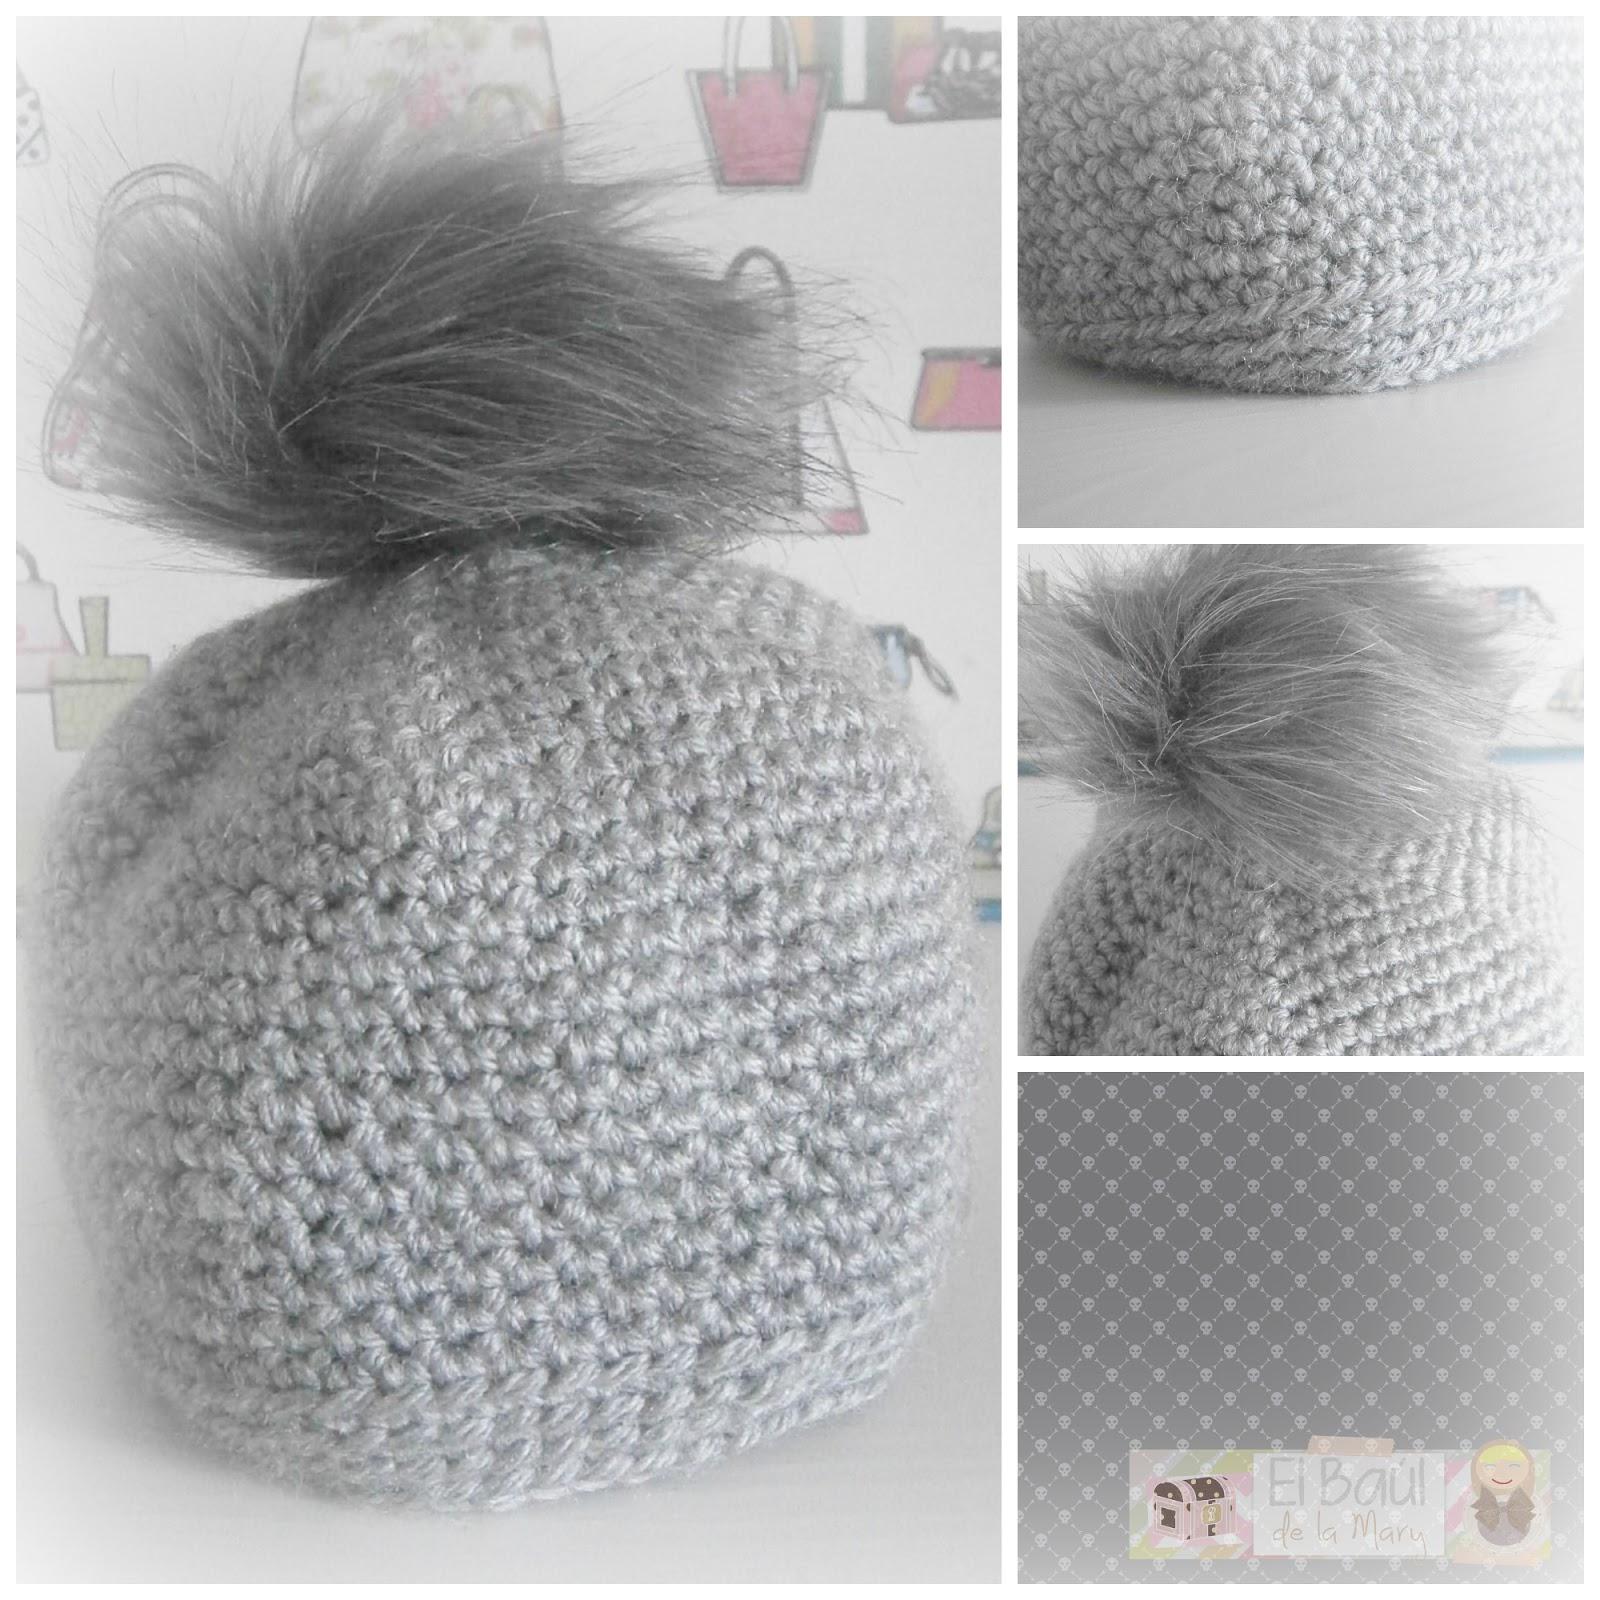 DIY: Gorro Bebe (super fácil) crochet - Handbox Craft Lovers ...